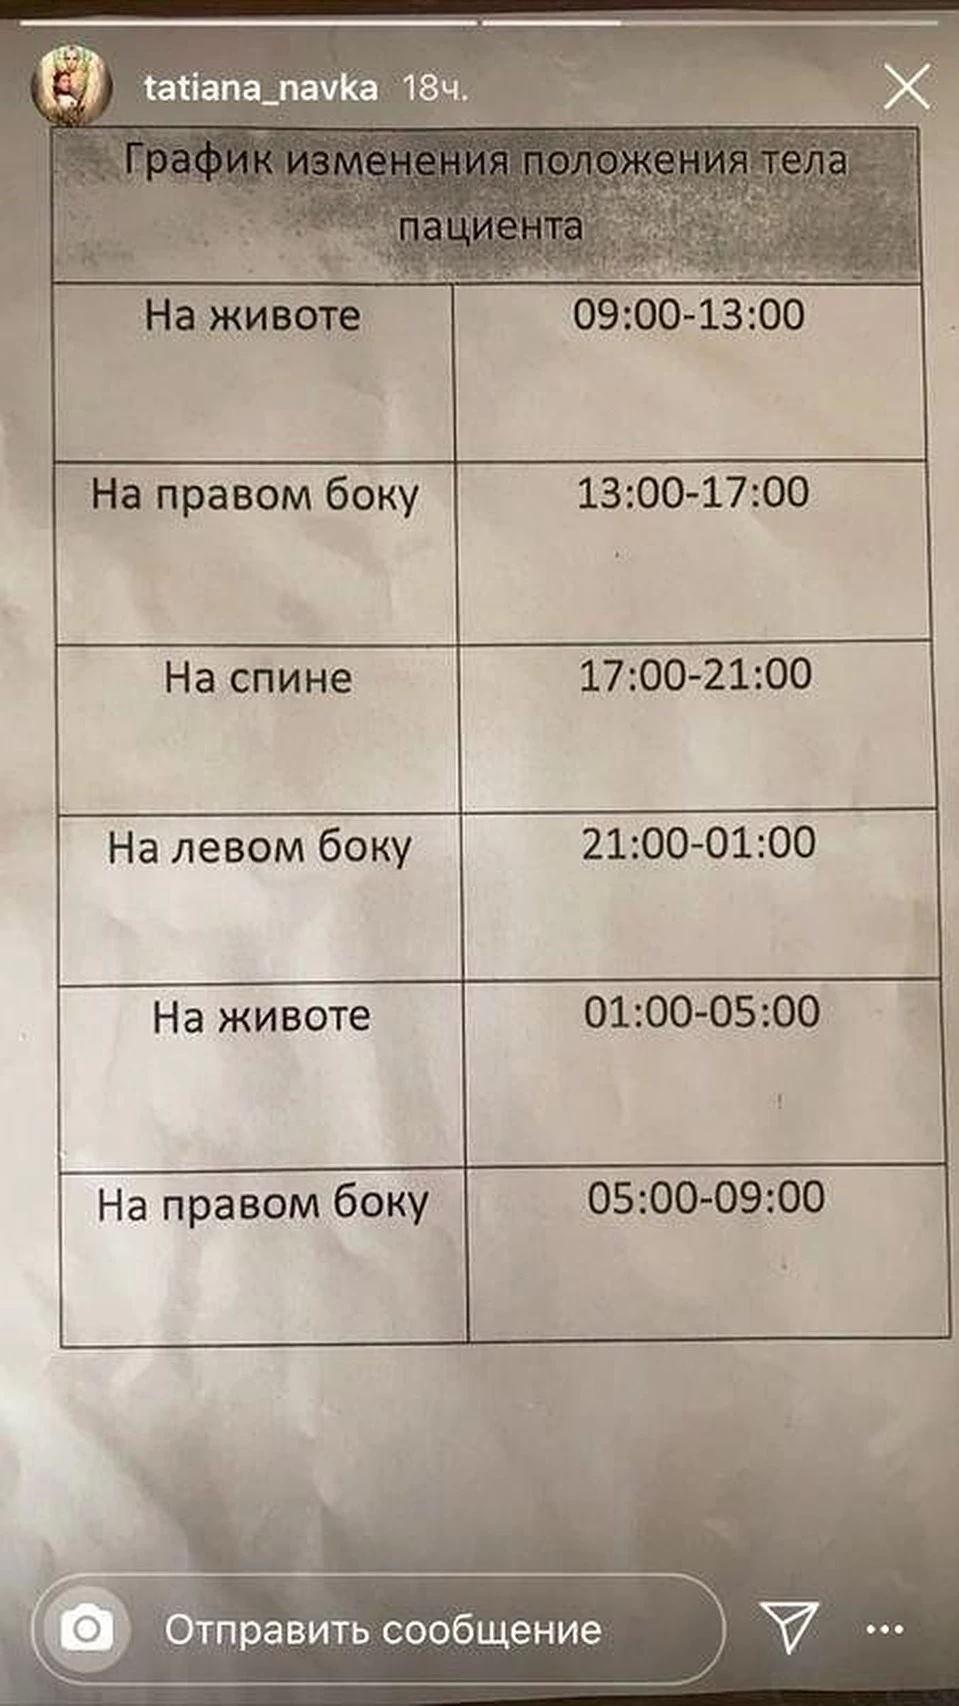 Мода на Covid-19: Татьяна Навка выложила фото из больницы